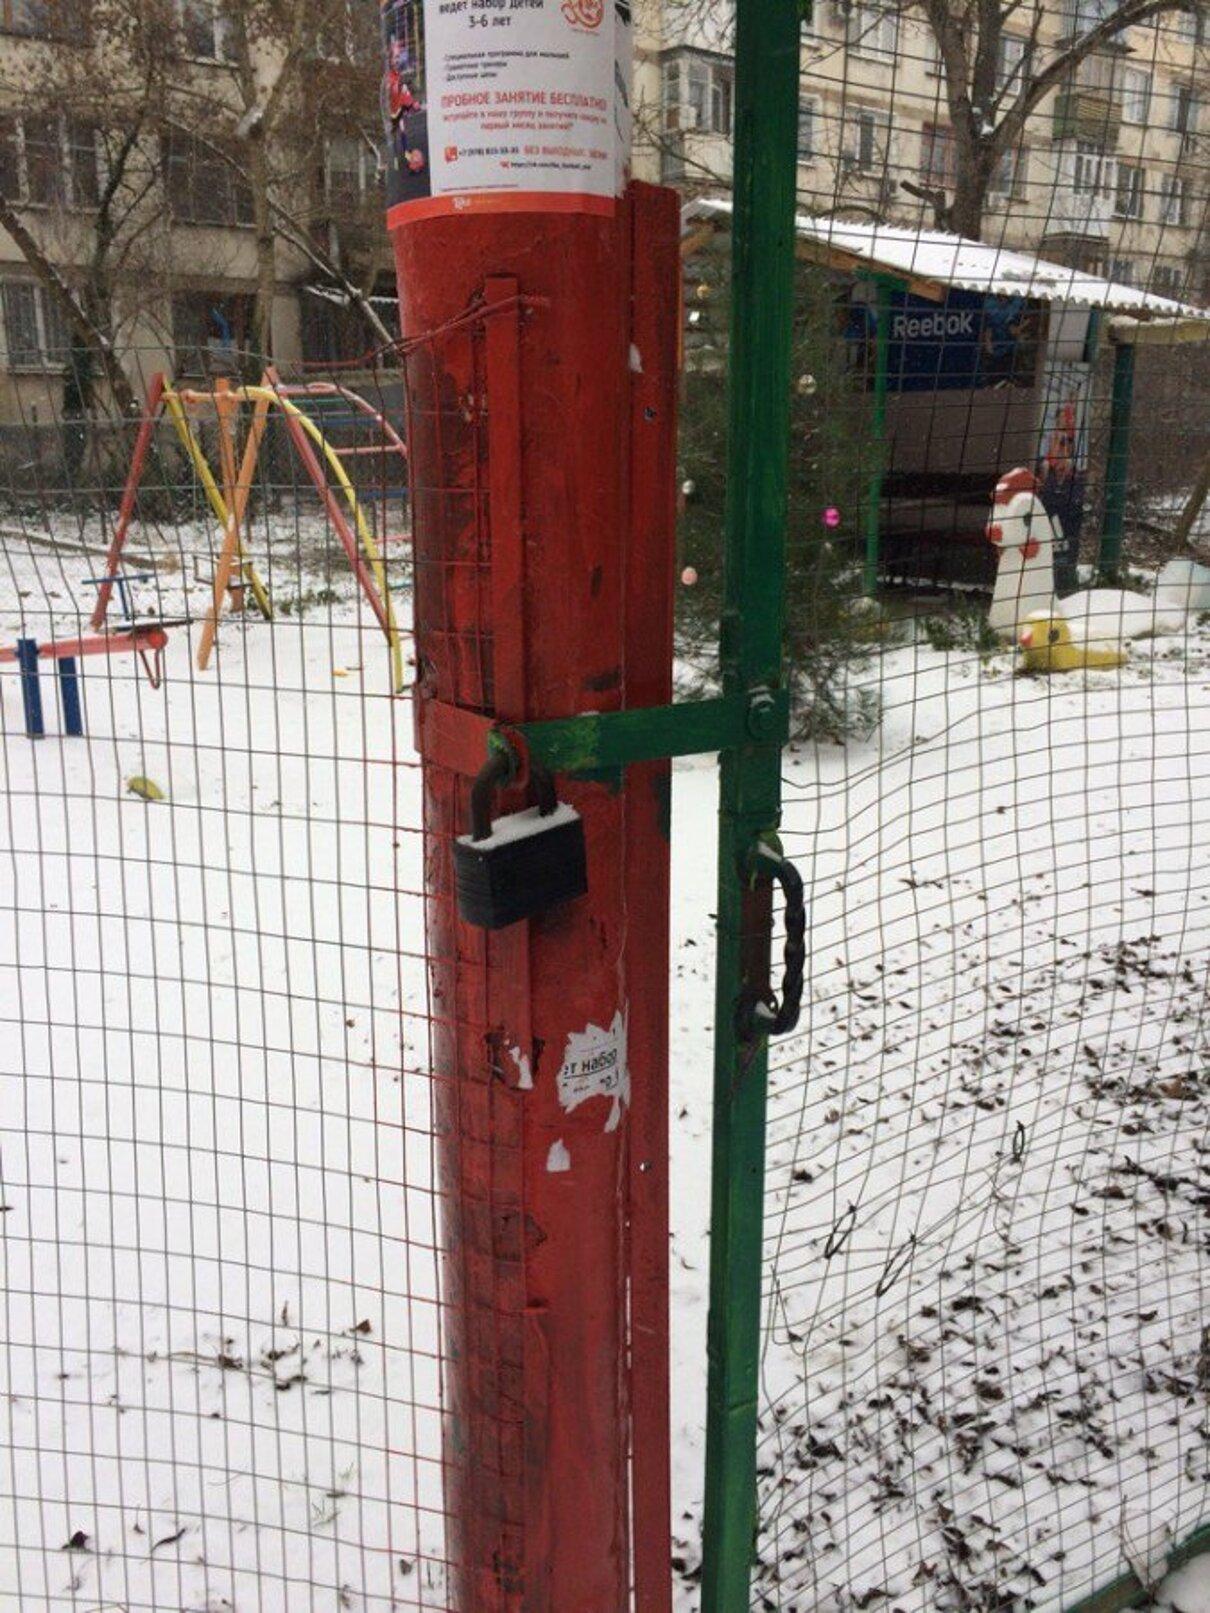 Жалоба-отзыв: Жильцы дома - Детская площадка под замком.  Фото №2